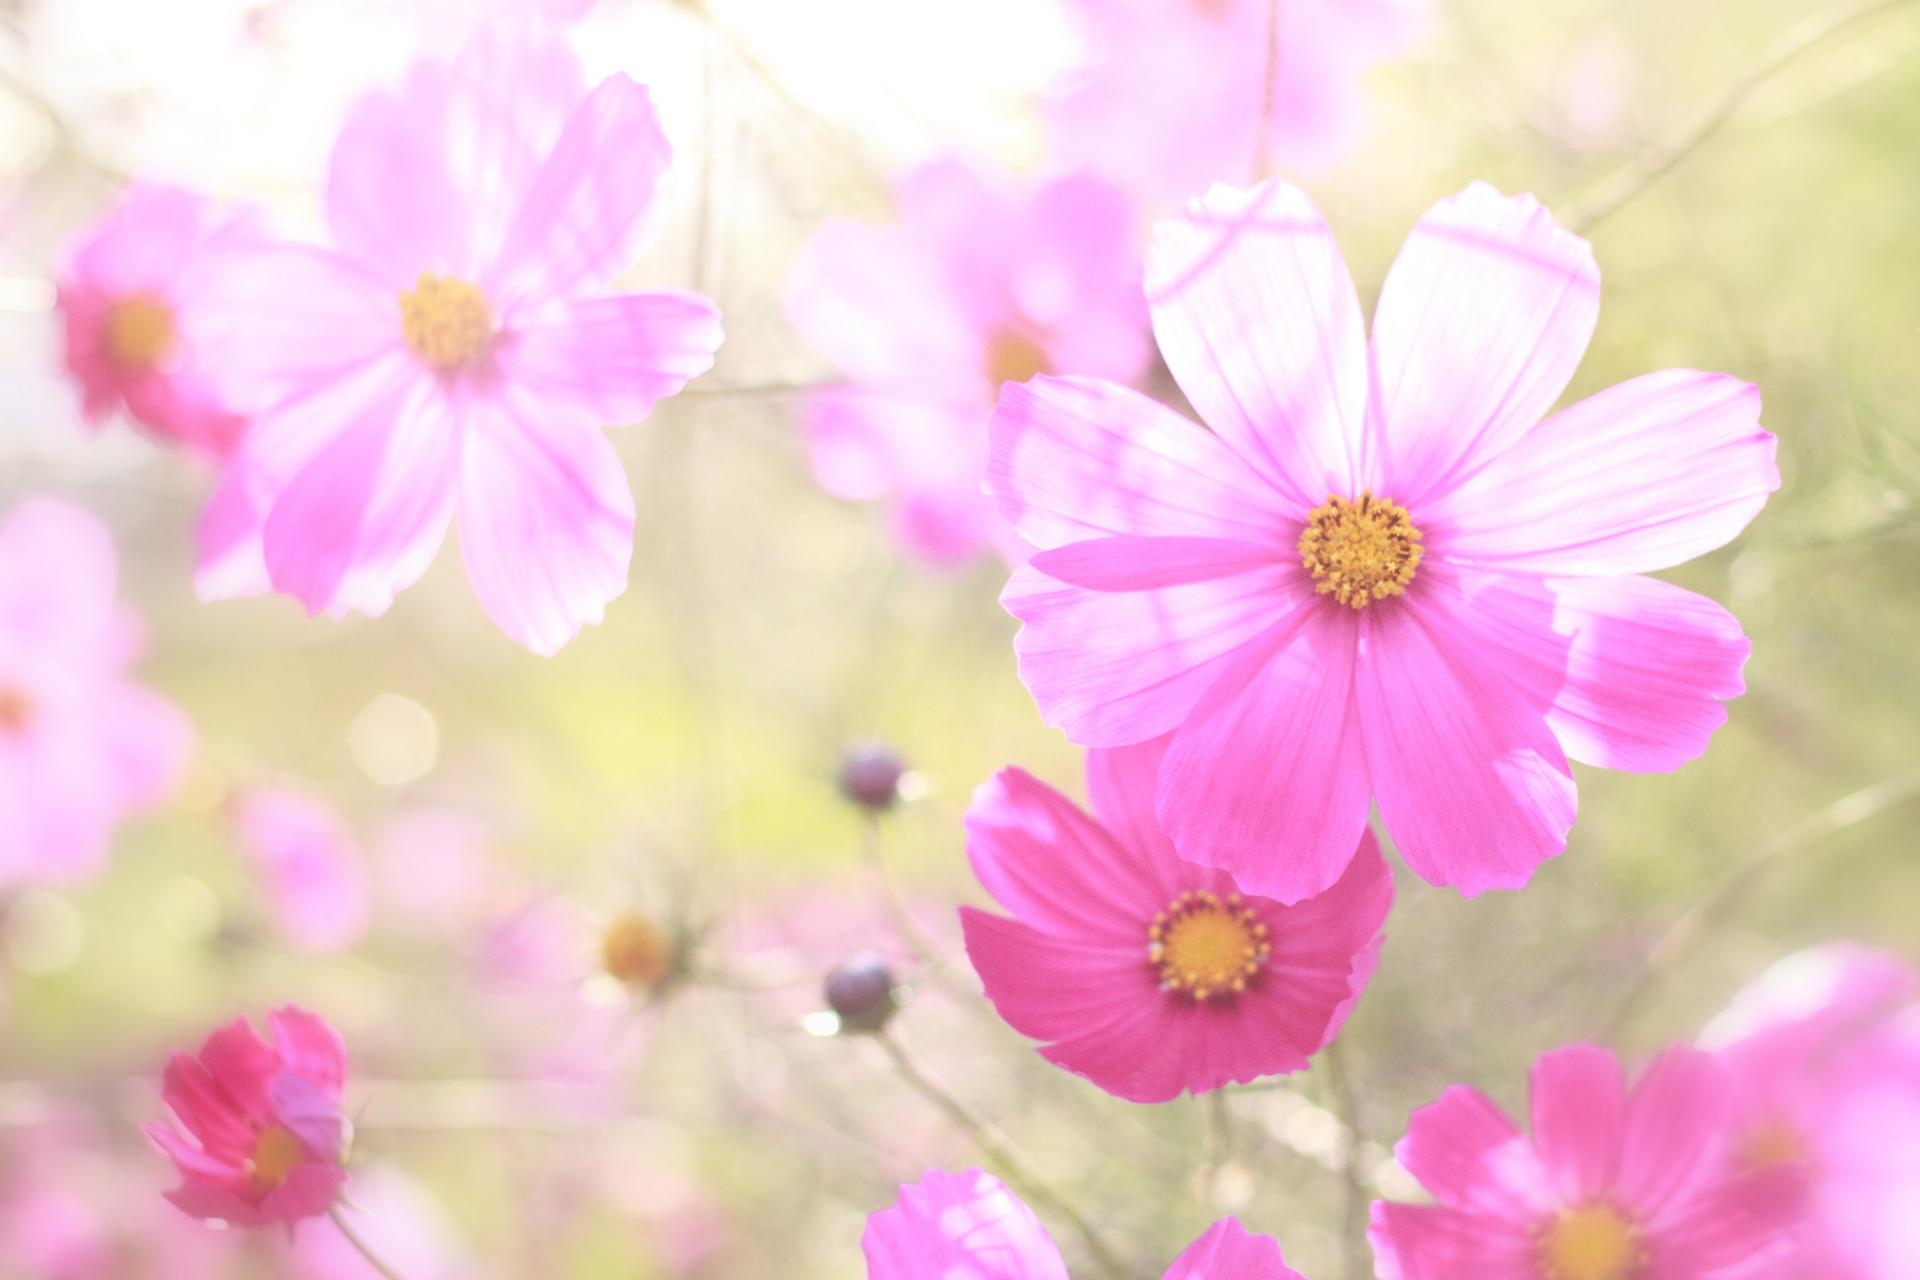 ガーデン用品屋さんの花図鑑 コスモス